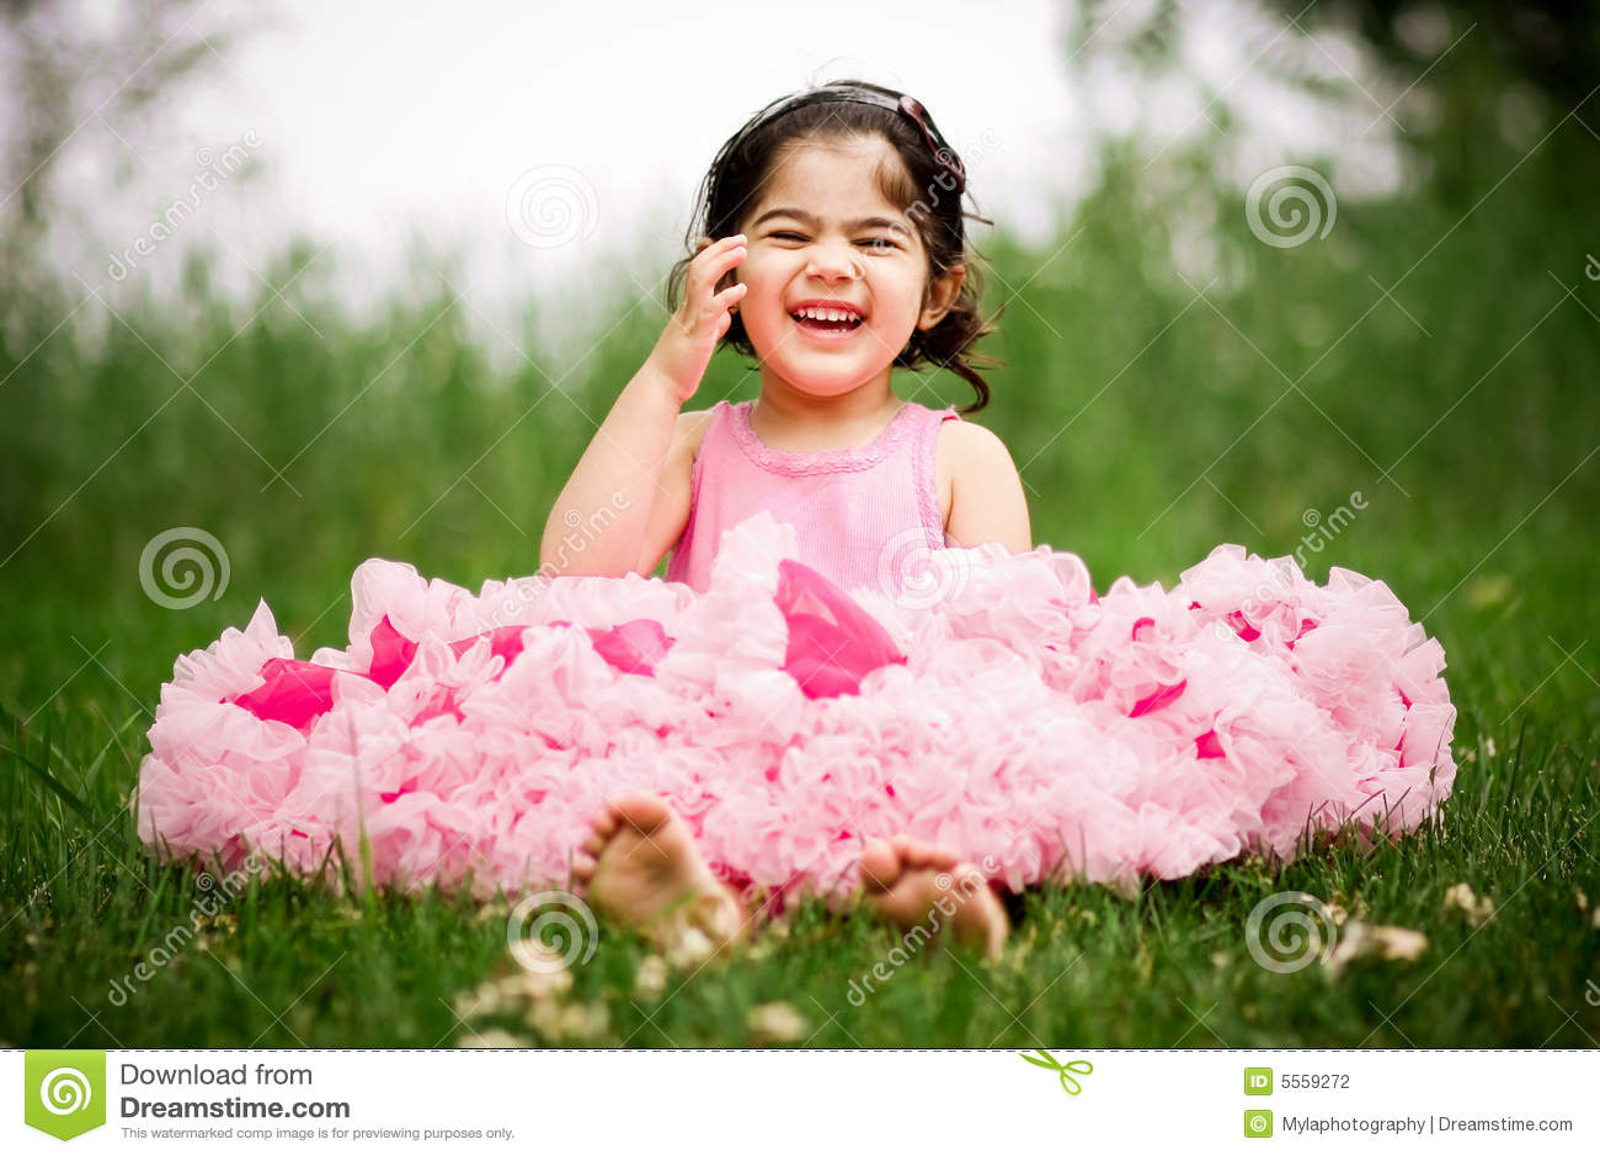 Картинка смайлик Маленькая девочка с цветком на